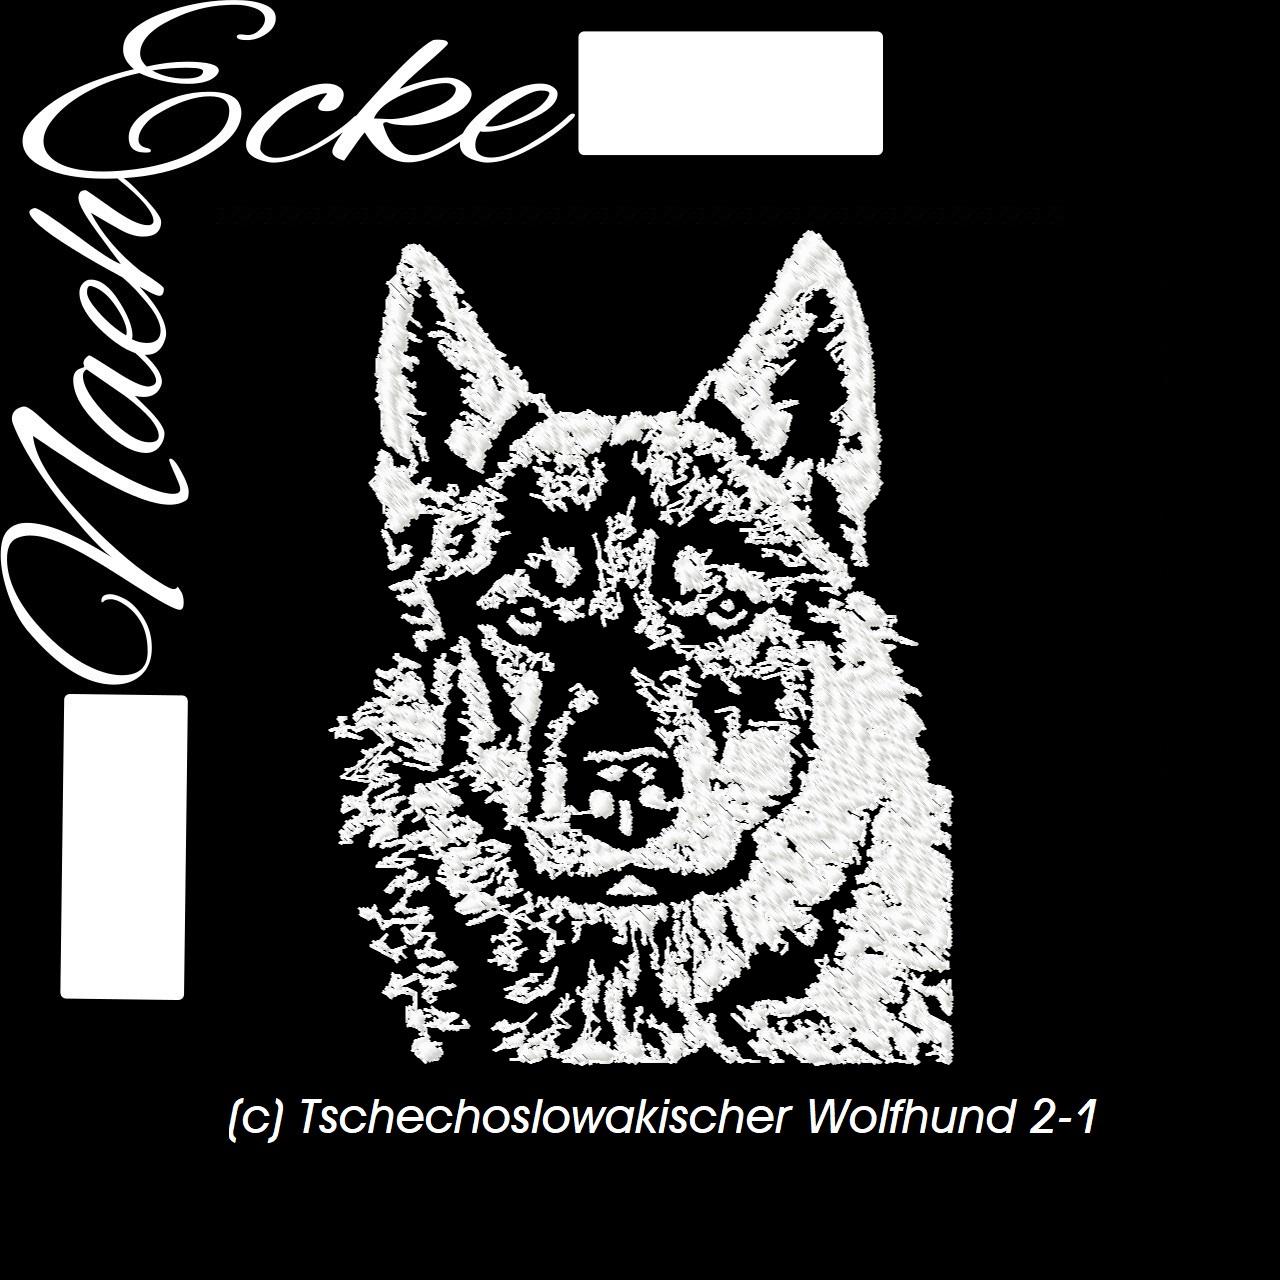 Tschechoslowakischer Wolfhund 2-1